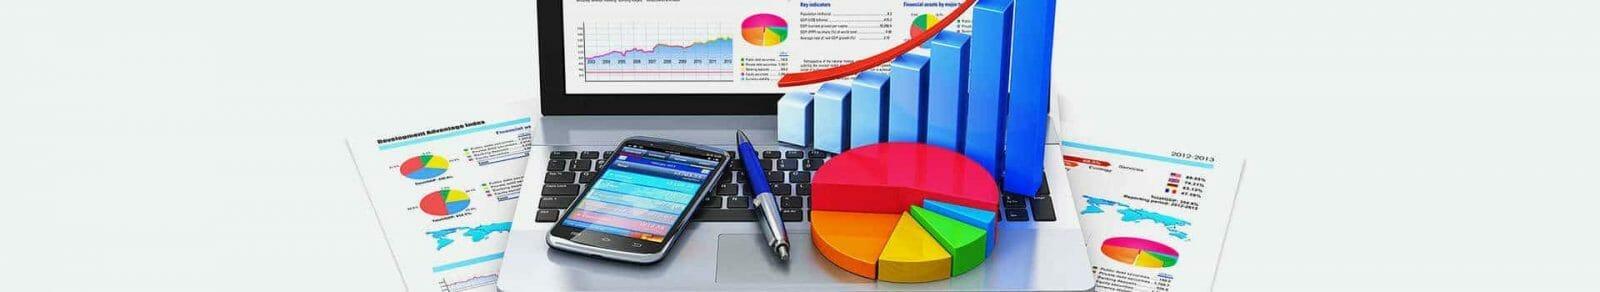 odzyskiwanie danych cennik pytania Pytania bg tryby analiz